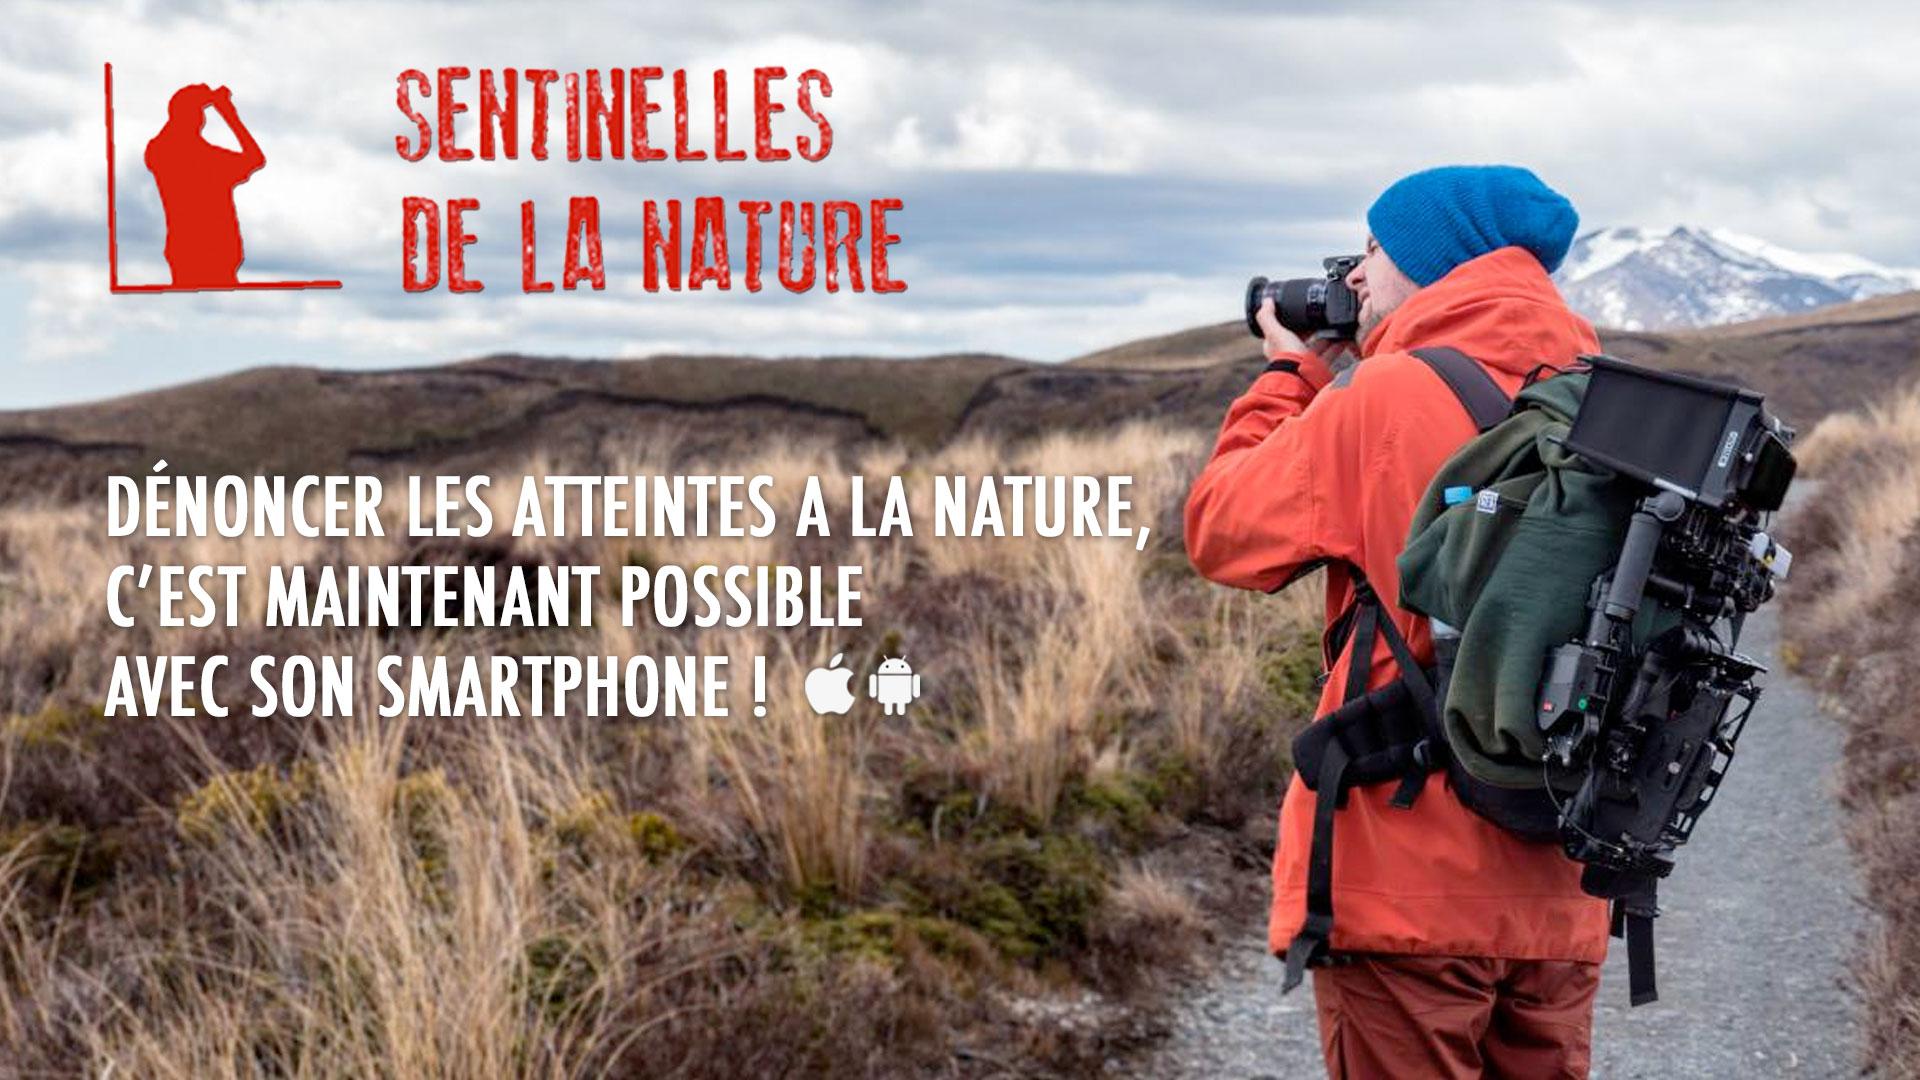 [Communiqué de Presse] Sentinelles de la nature : une nouvelle application mobile pour protéger l'environnement